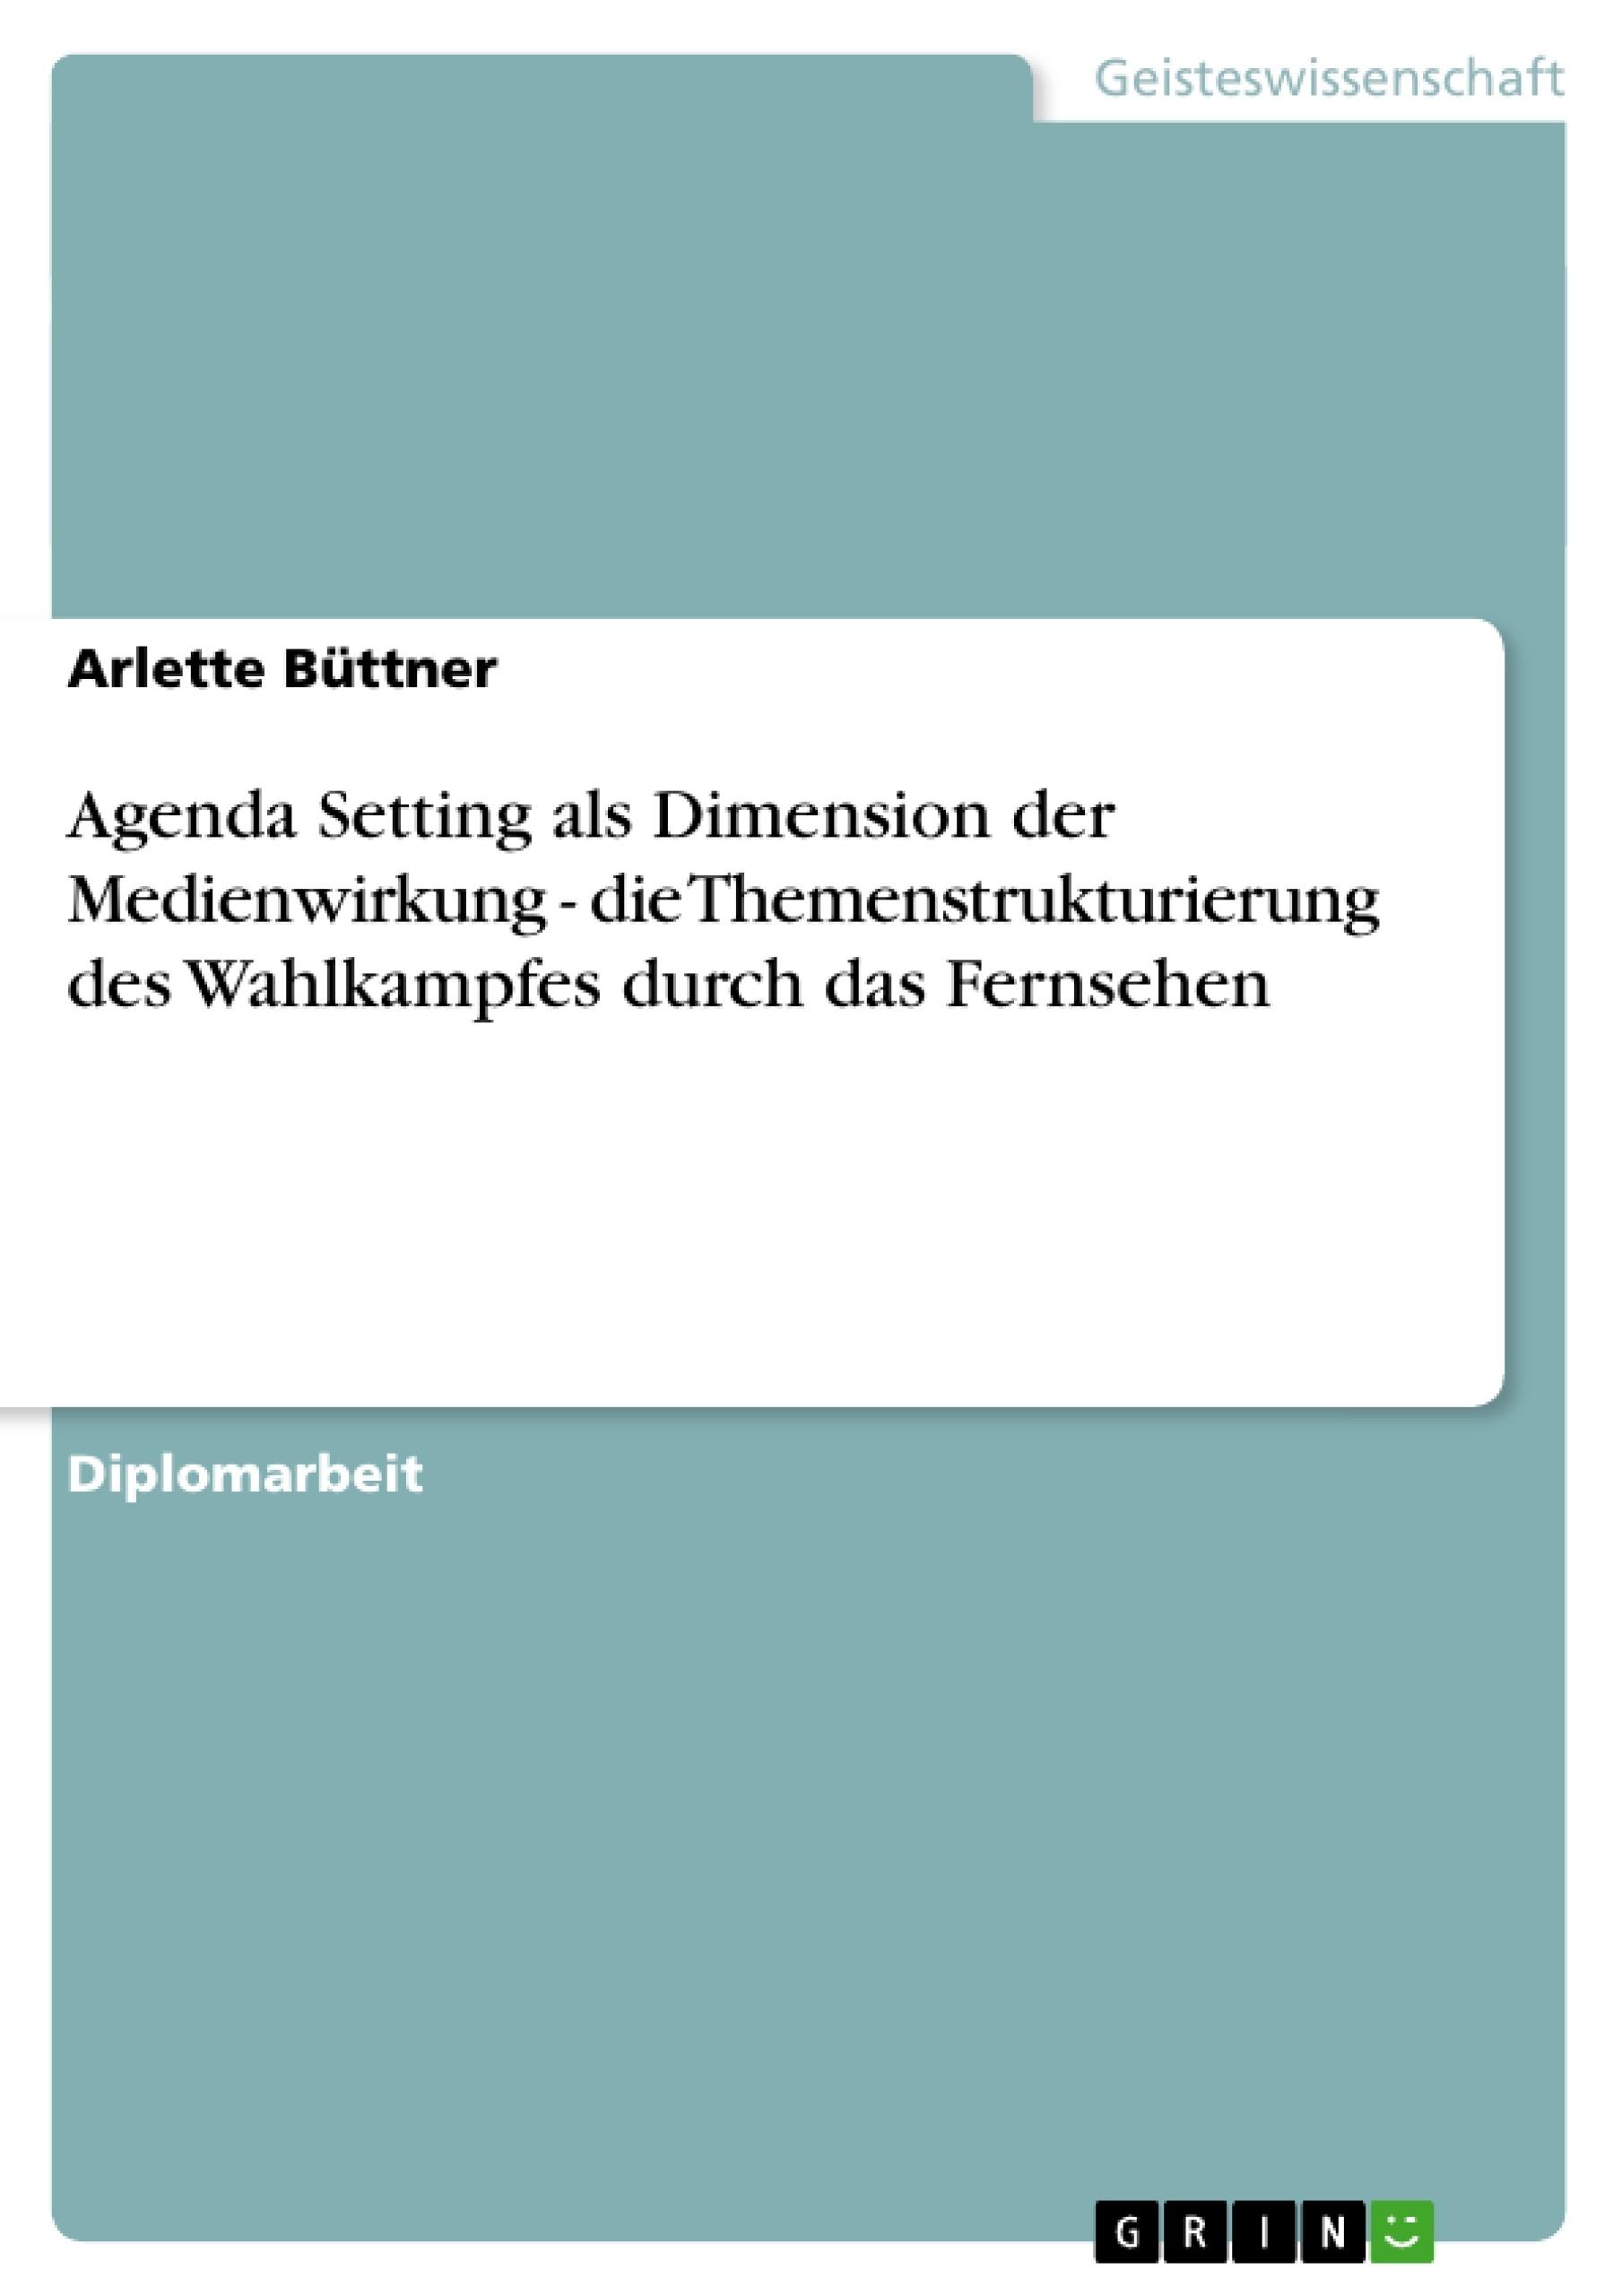 Titel: Agenda Setting als Dimension der Medienwirkung - die Themenstrukturierung des Wahlkampfes durch das Fernsehen